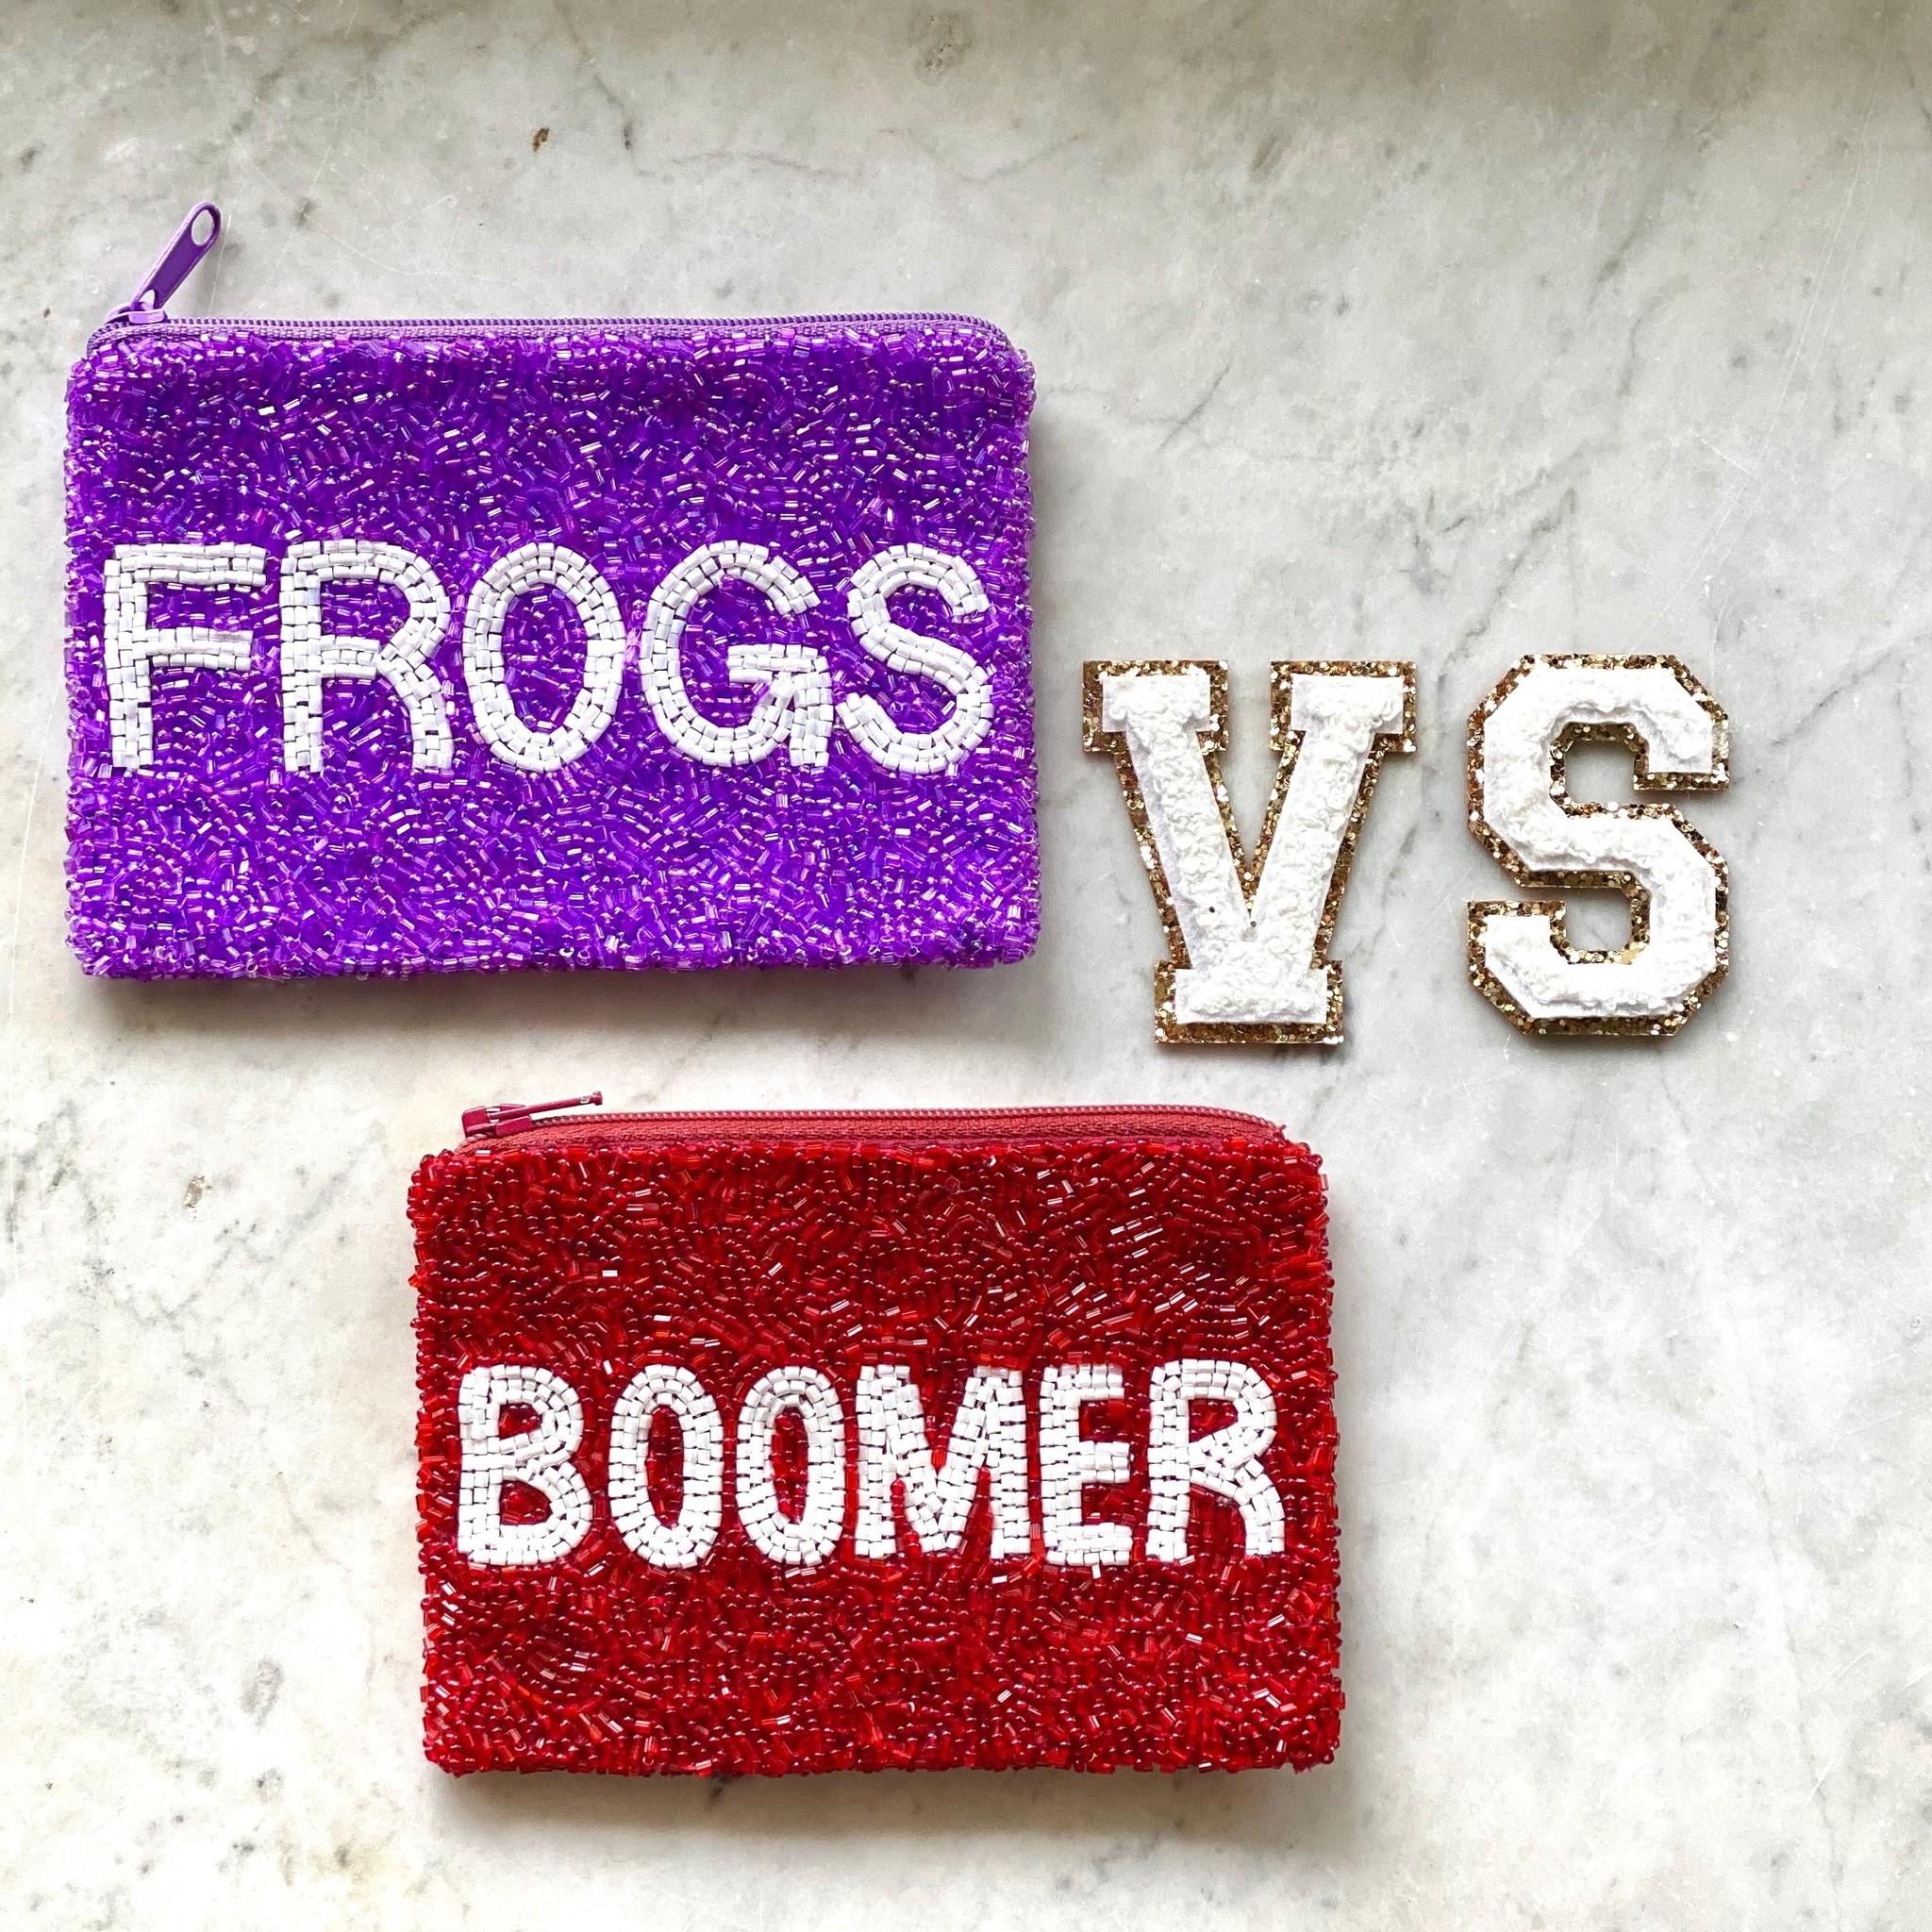 TCU vs OU weekend!